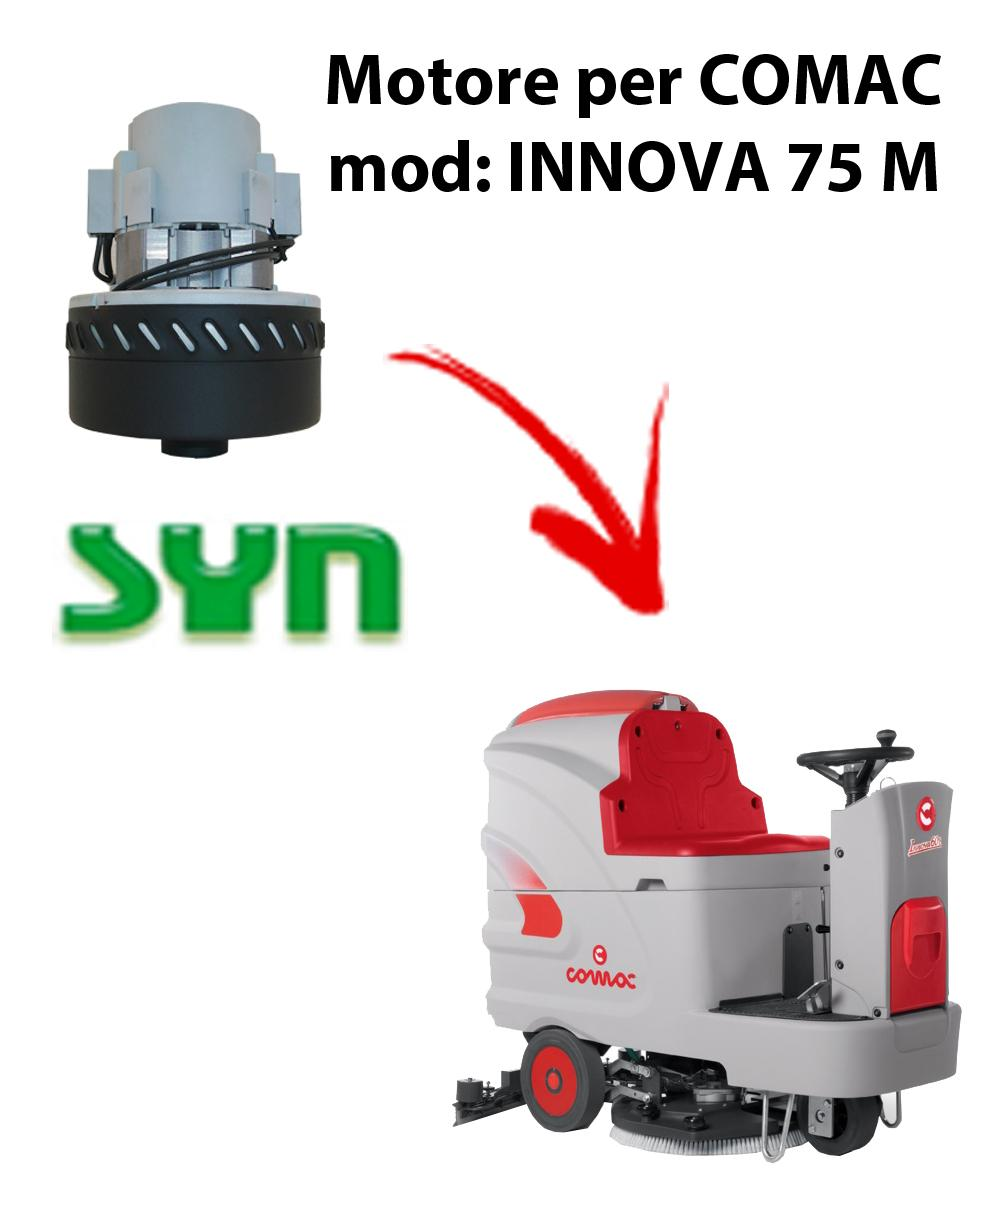 INNOVA 75 M Motore aspirazione SYN per lavapavimenti Comac